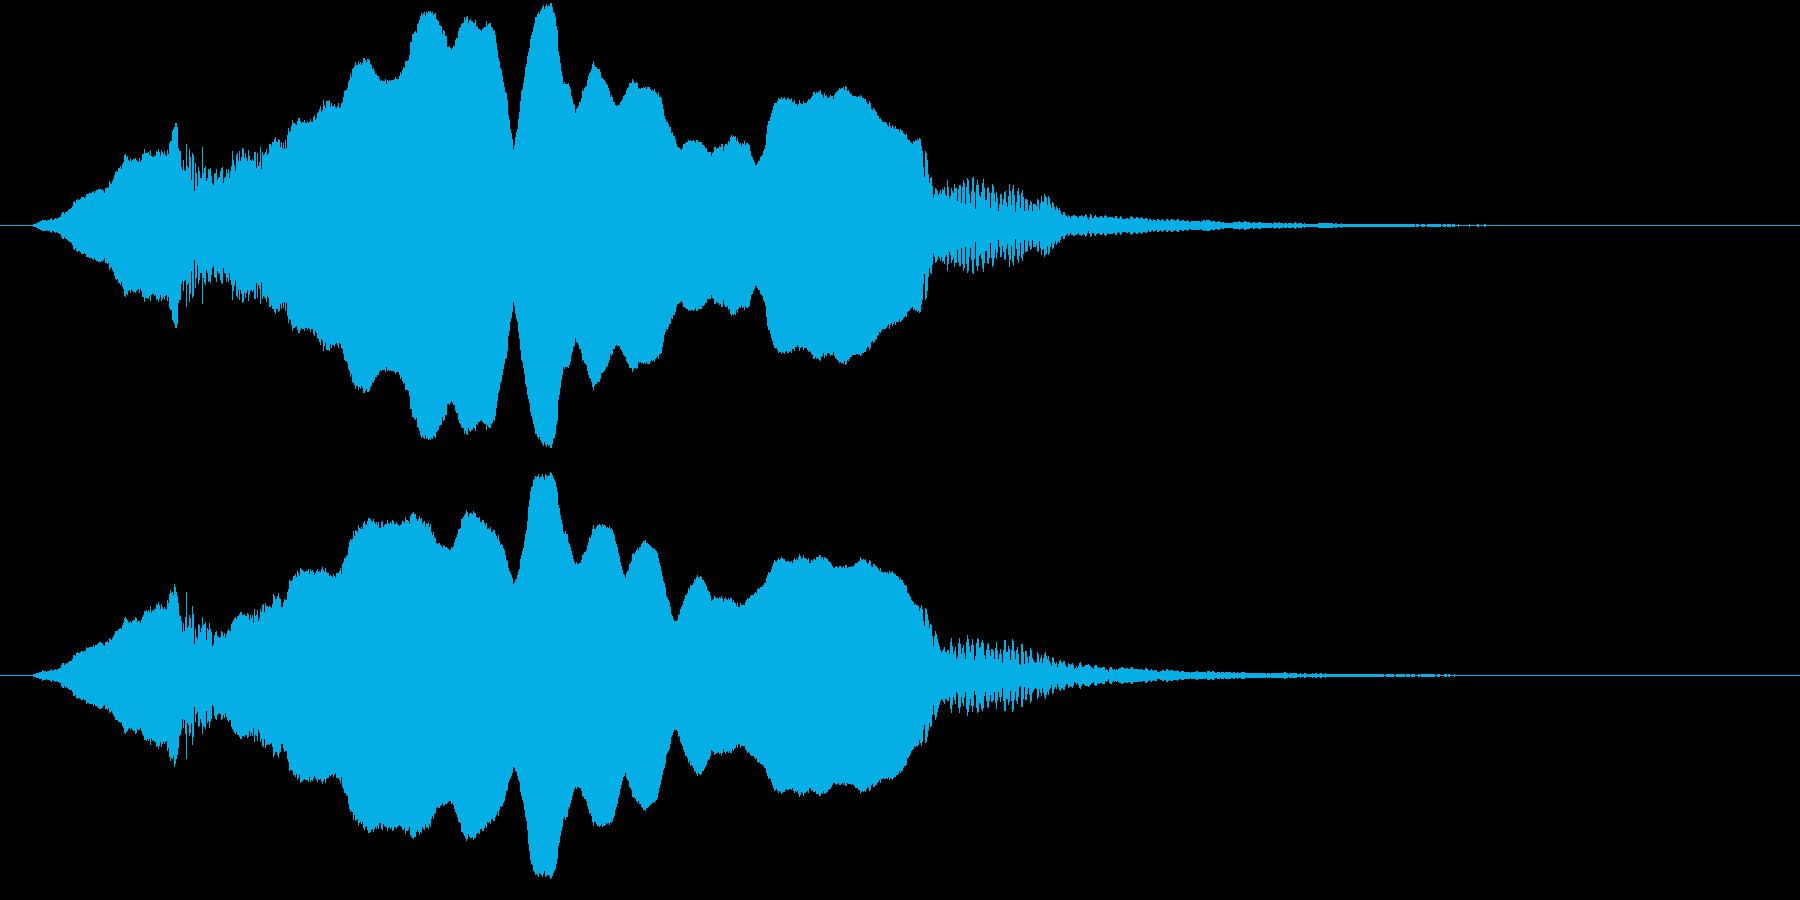 音侍SE「尺八フレーズ1」エニグマ音01の再生済みの波形